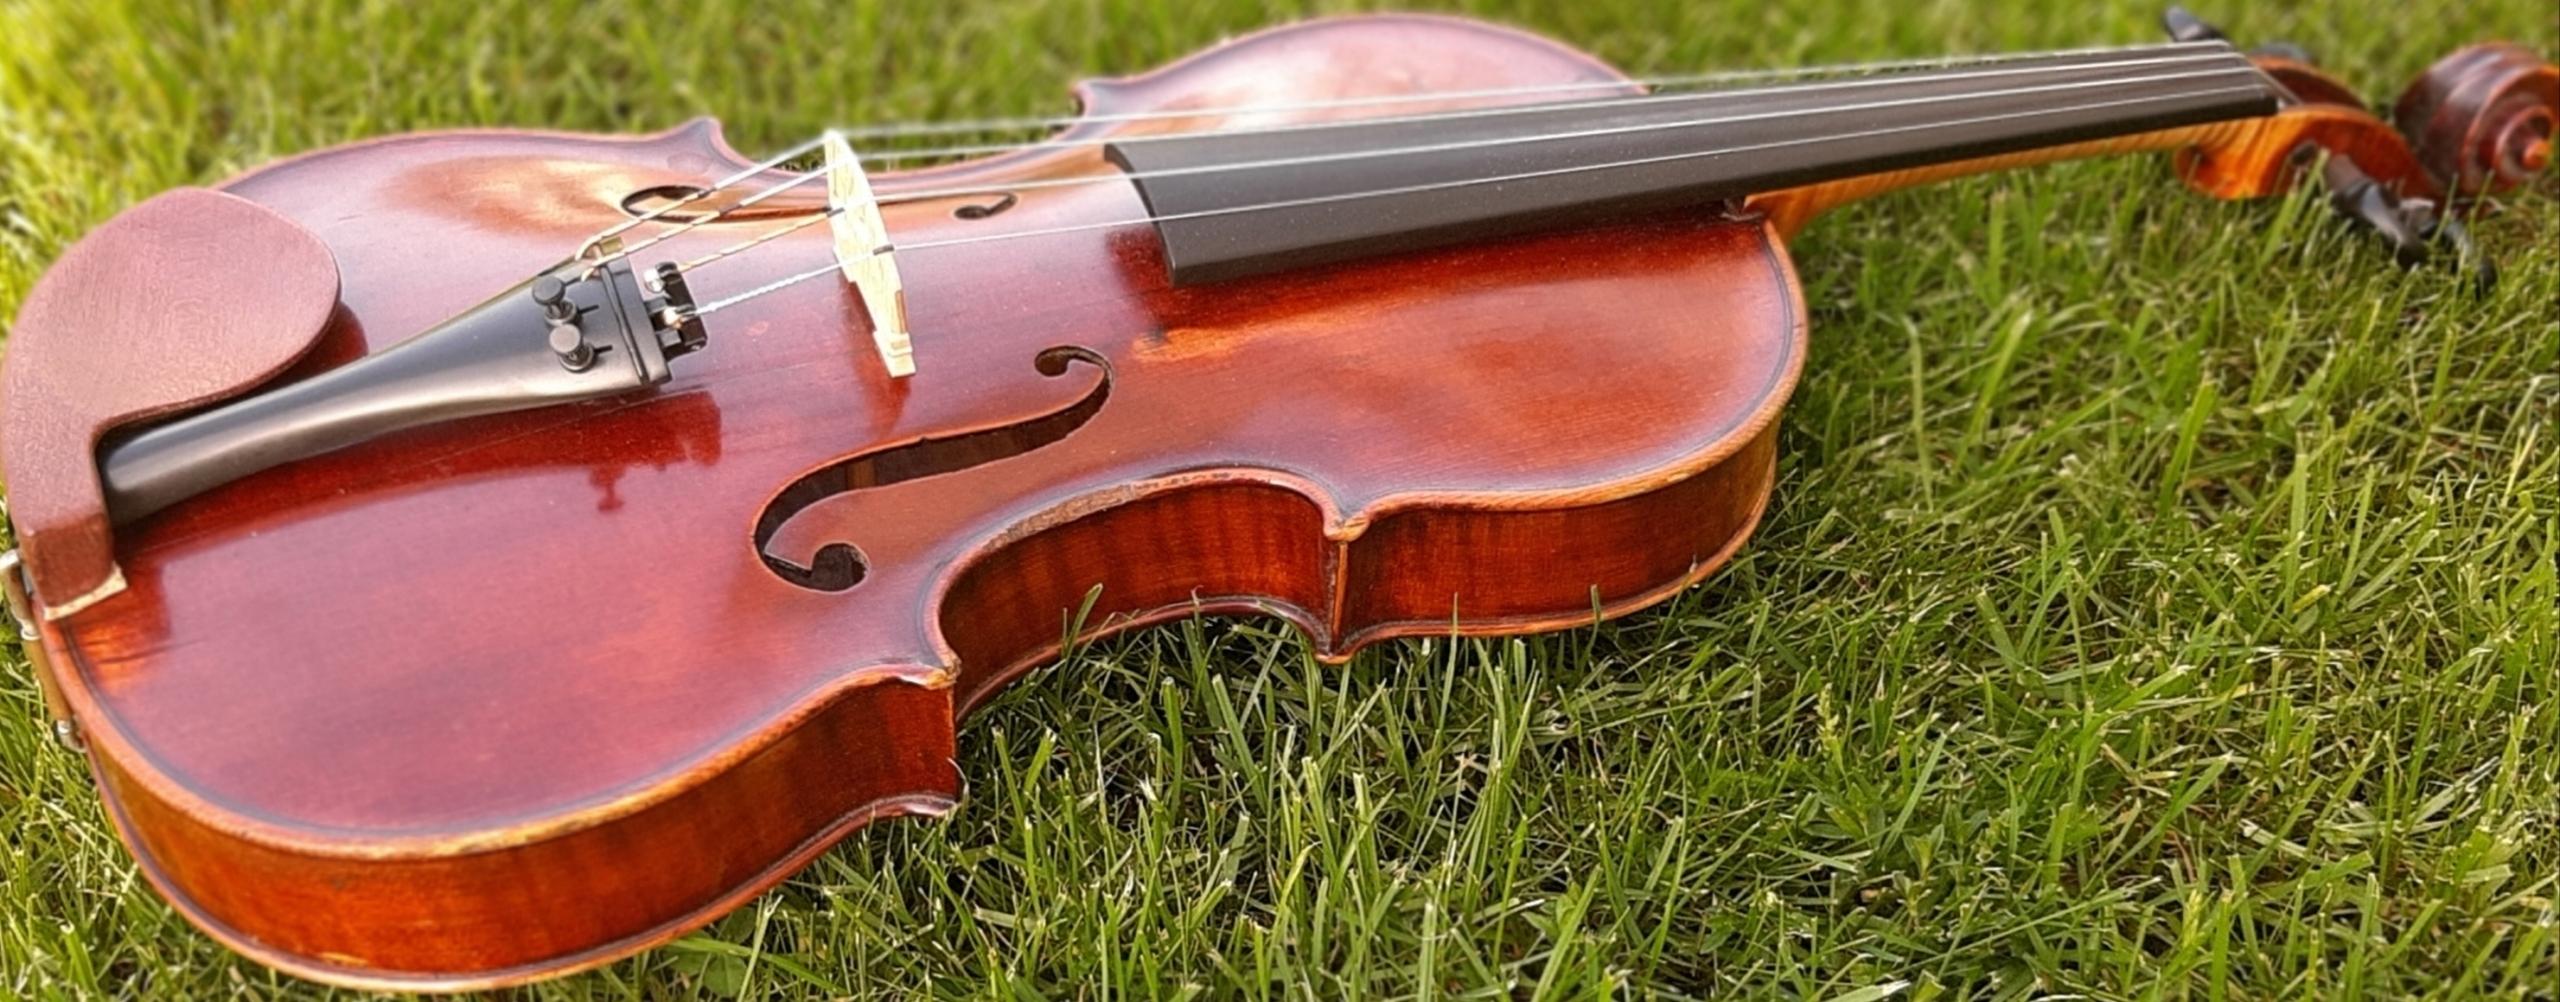 Item Violin classes Koch 1926 urgently sell